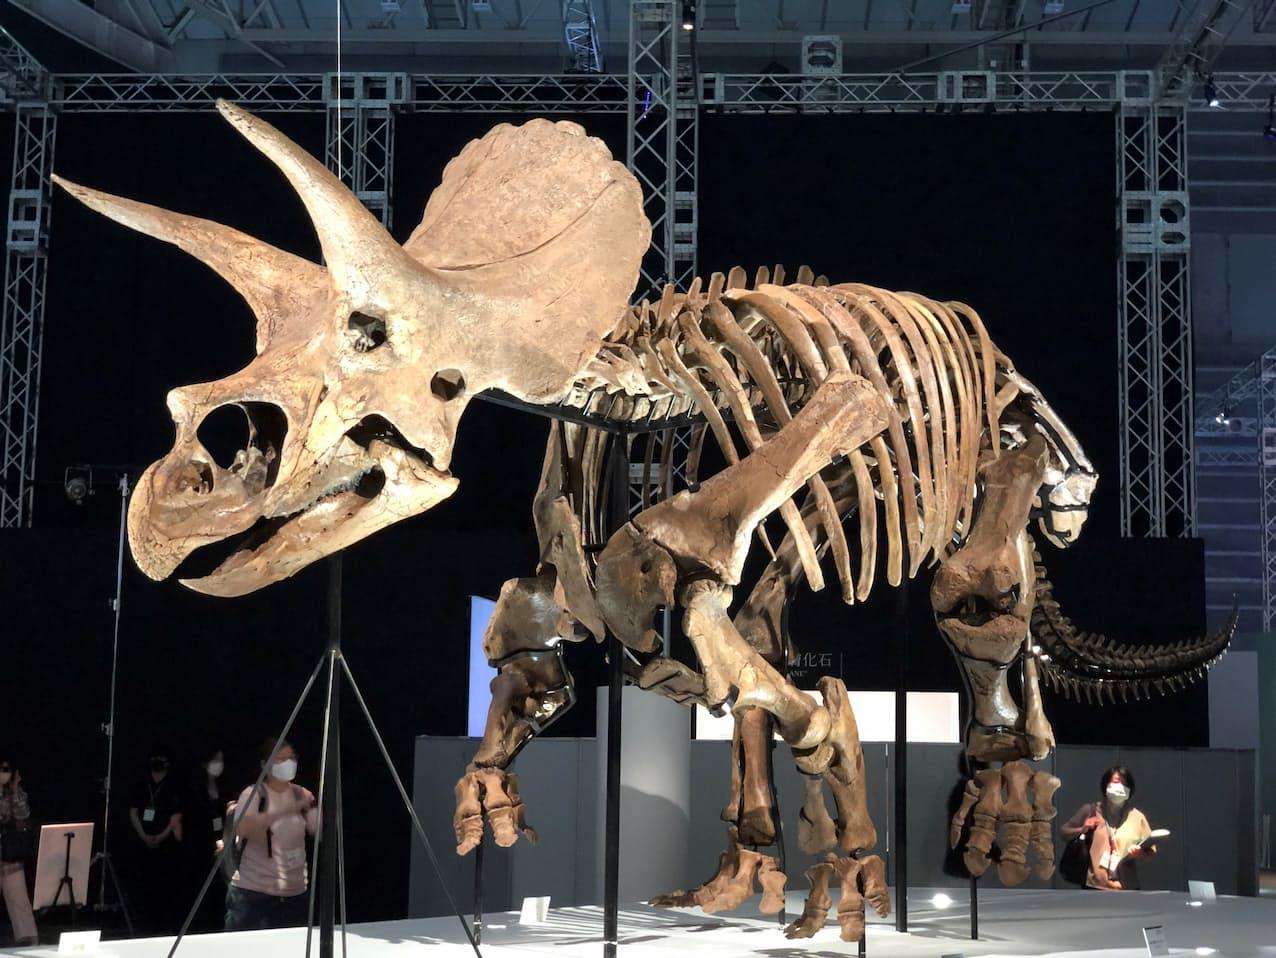 日本で初上陸となる米ヒューストン自然科学博物館で展示されているトリケラトプス「レイン」の実物全身骨格(16日、横浜市)